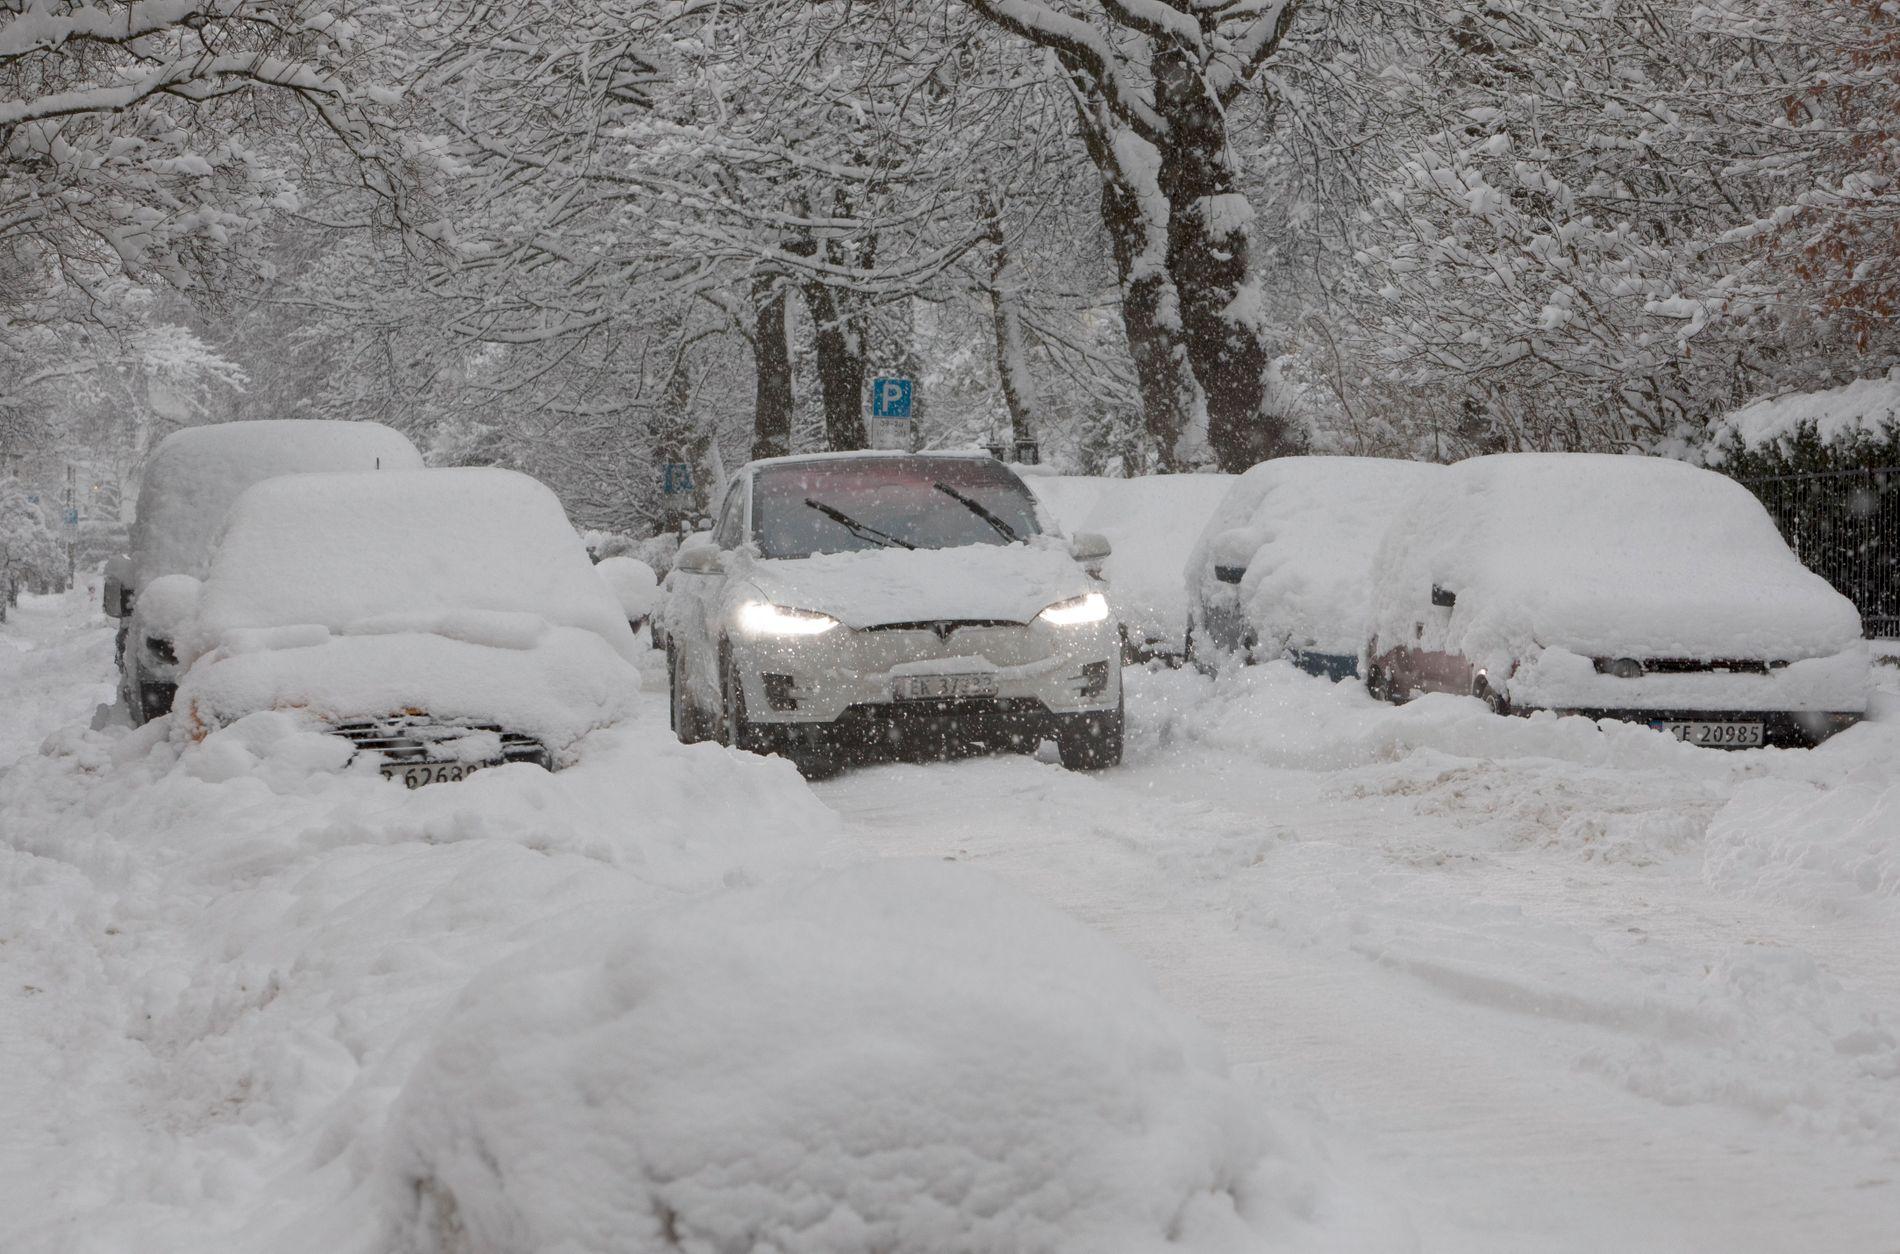 FORSVINNER FORT: Milde temperaturer gjør at mesteparten av snøen som er ventet denne uken trolig vil forsvinne fort igjen. Bildet er tatt på Frogner i januar i år.